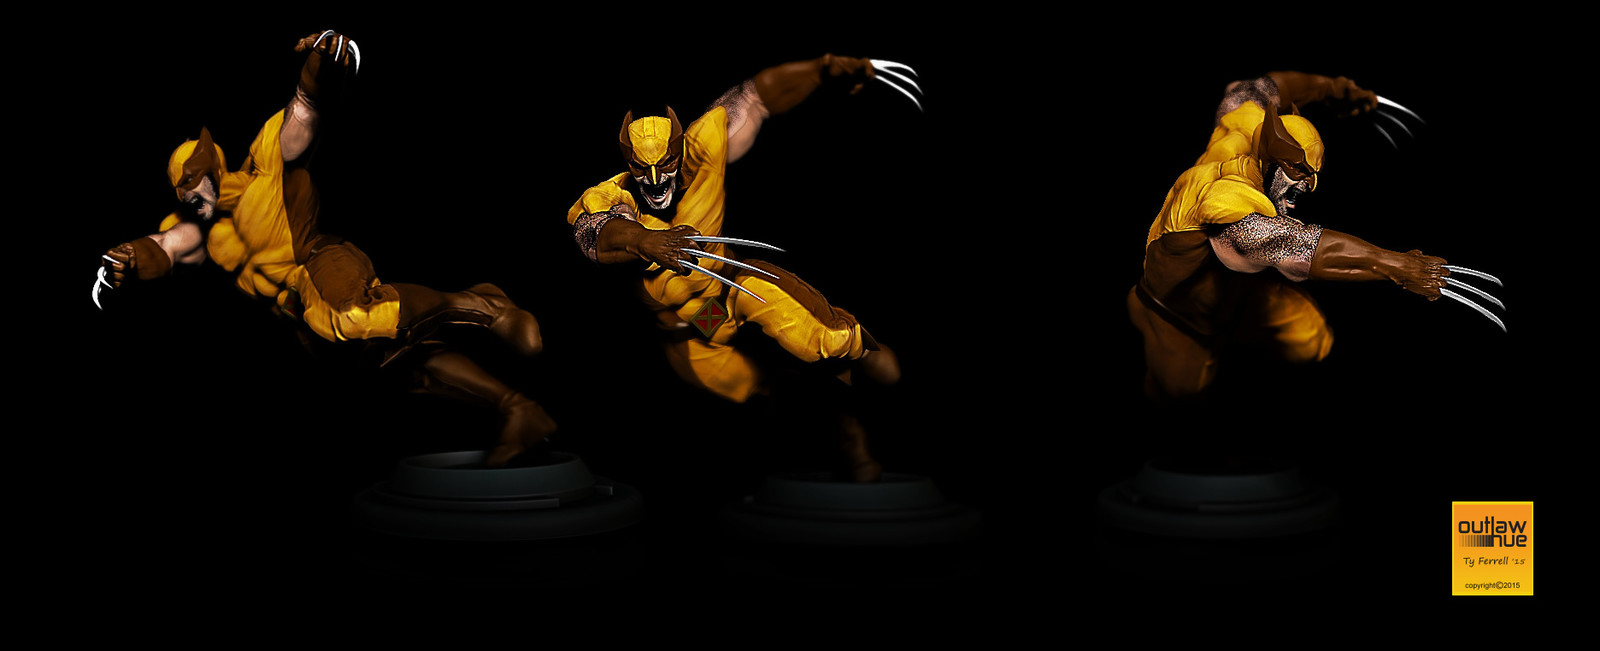 Wolverine multishots